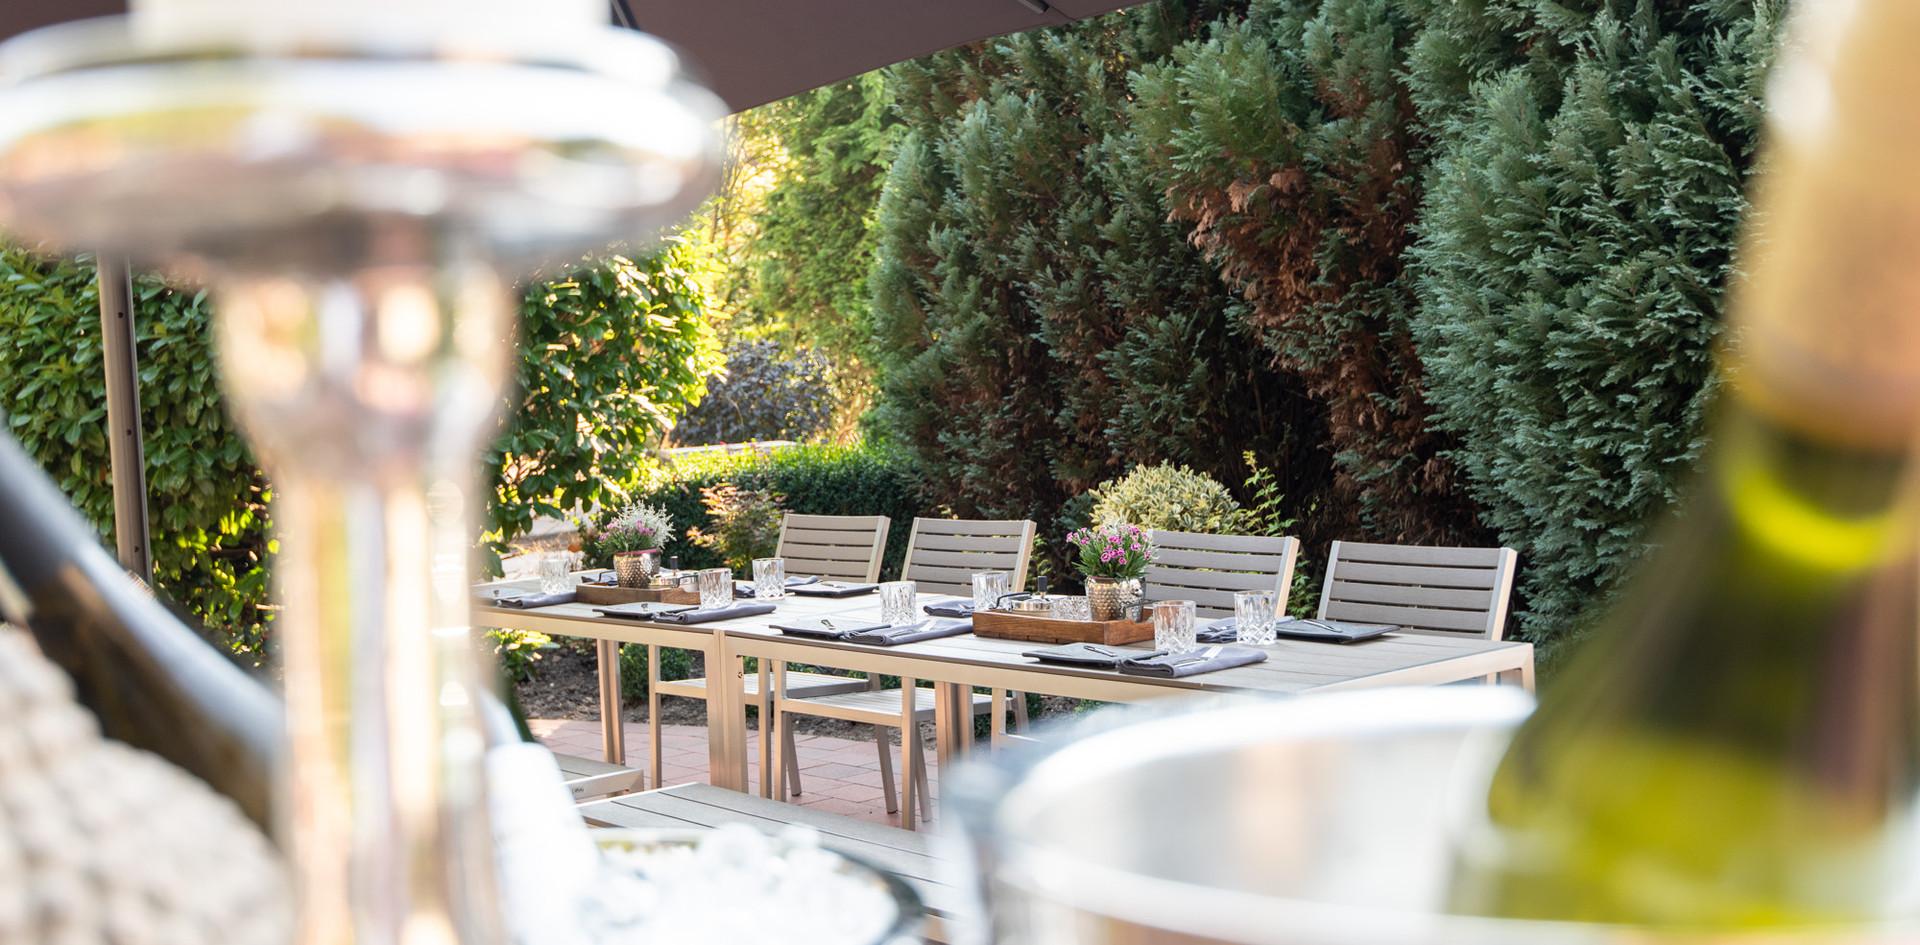 Sekt Hotelgarten Hotel Wegner - the culinary art hotel